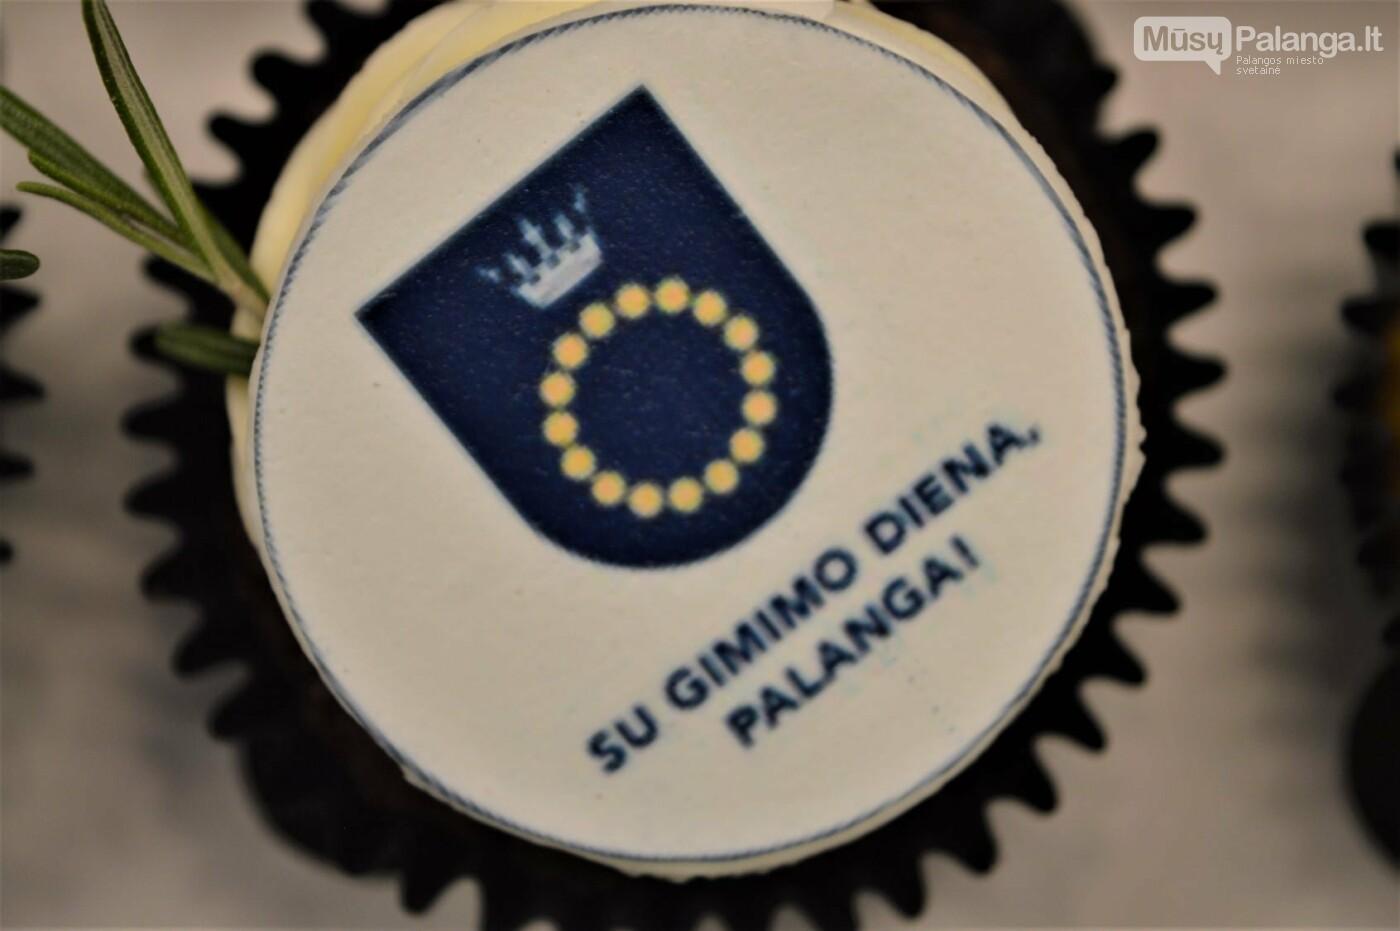 Artimiausi kaimynai – septynios Vakarų Lietuvos savivaldybės – sveikina Palangą ir palangiškius šimtmečio proga, nuotrauka-1